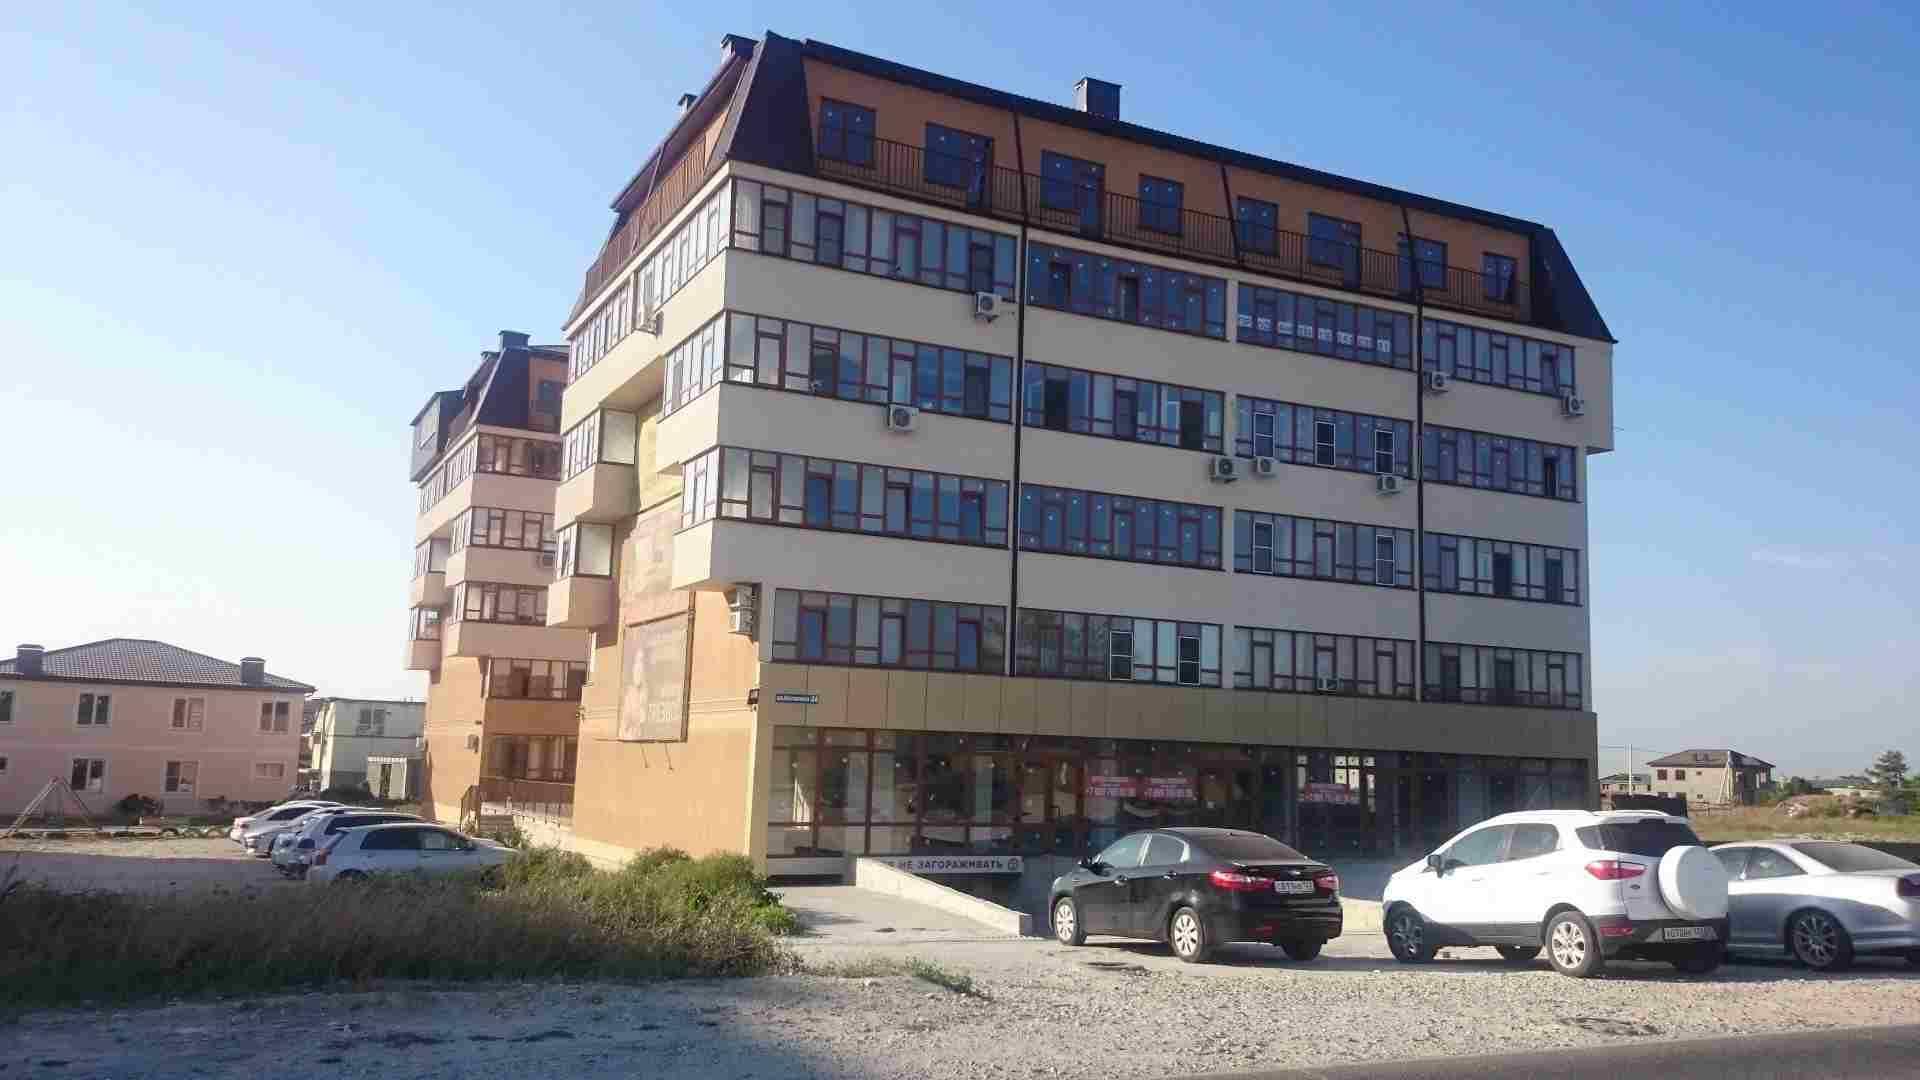 Проблемы домов на Котанова будут решать за счет бюджета